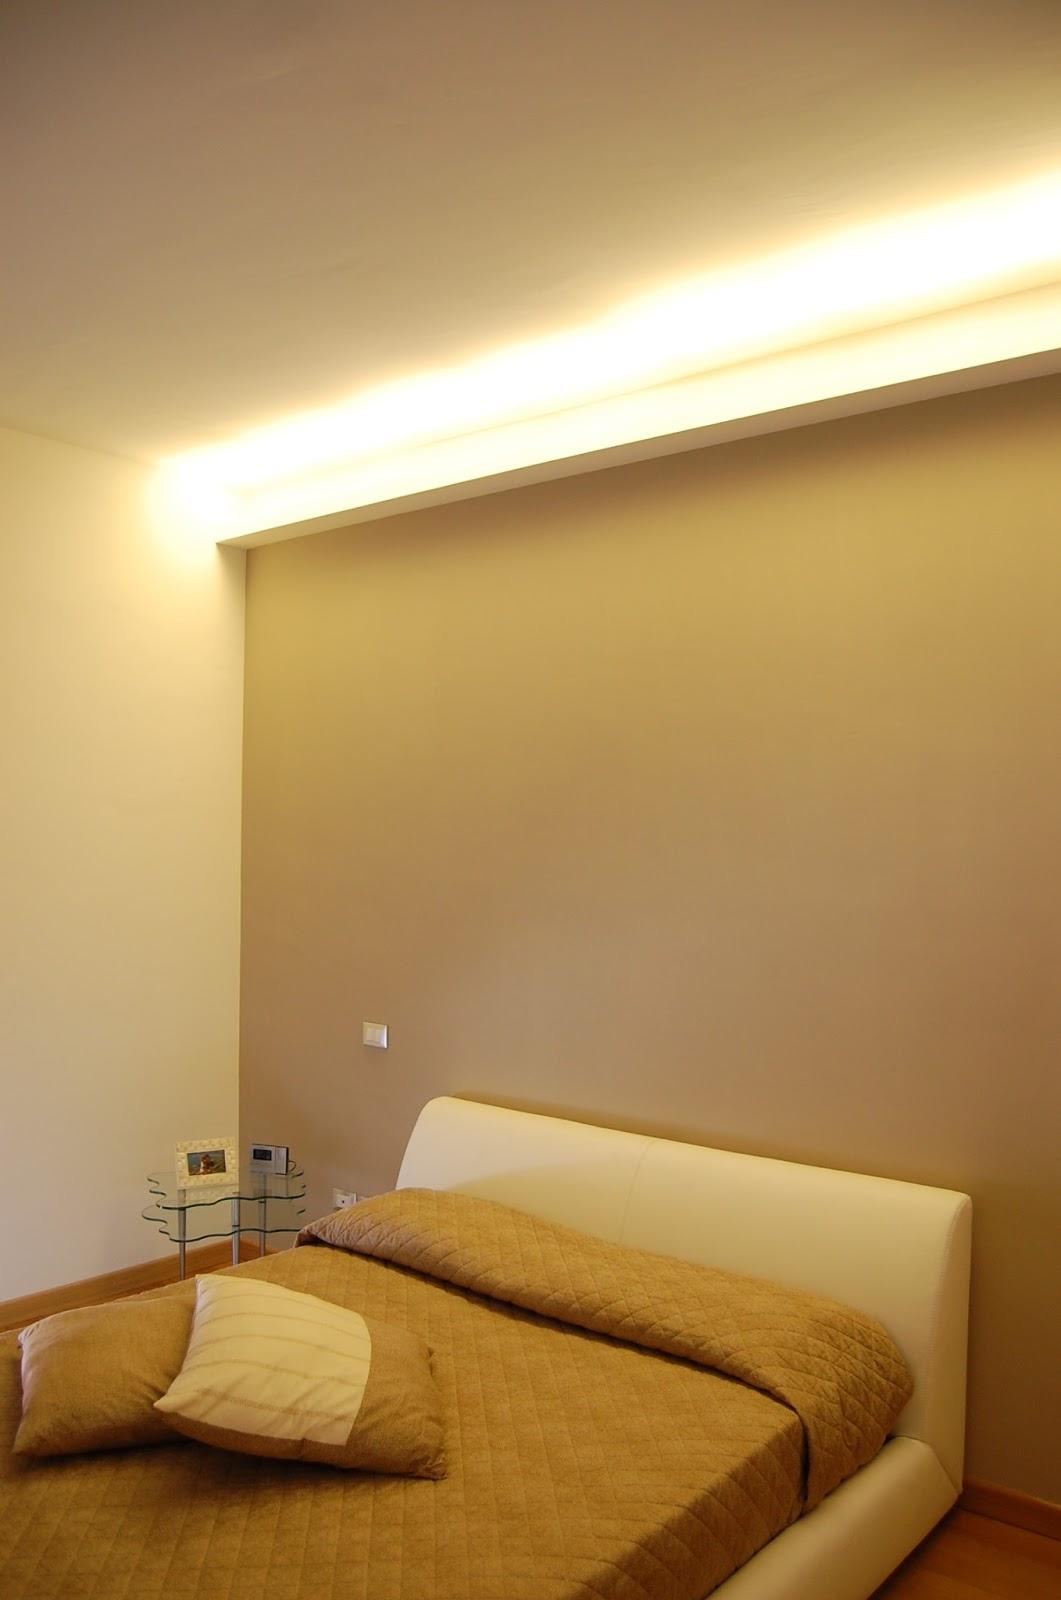 Illuminazione led casa gennaio 2014 - Luci a led per interni casa ...